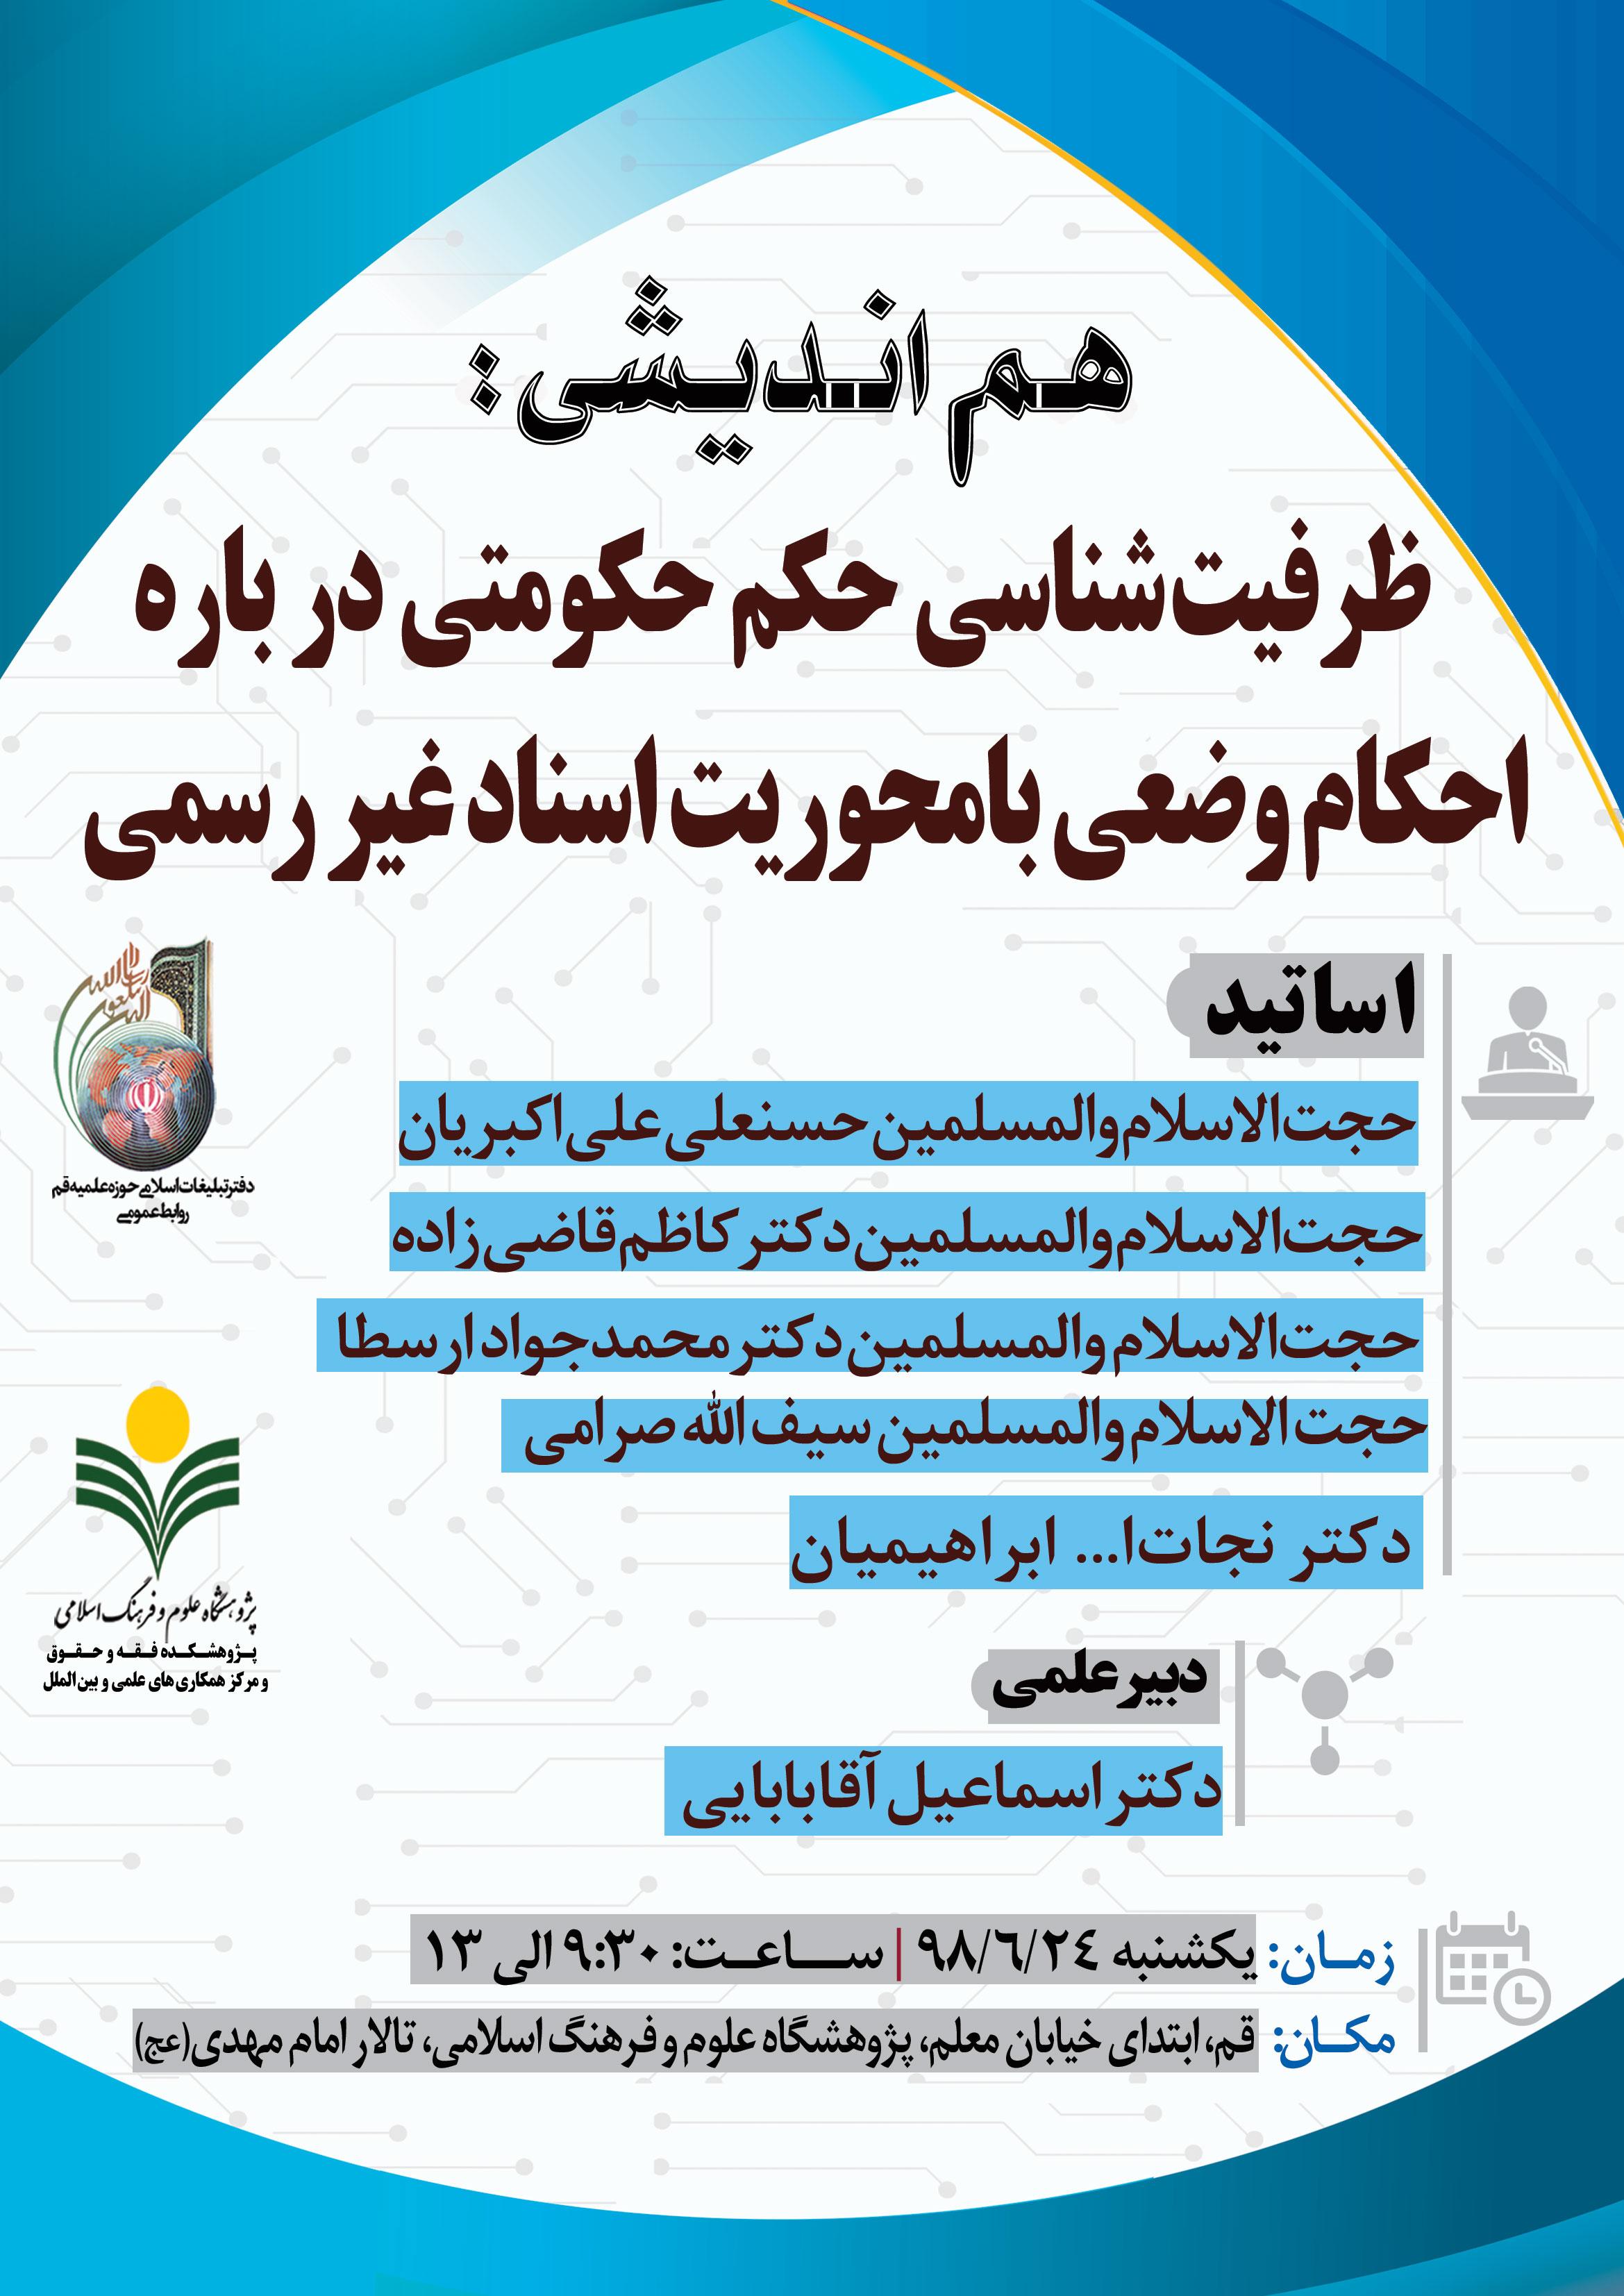 ظرفیت شناسی حکم حکومتی در باره احکام وضعی با محوریت اسناد غیر رسمی